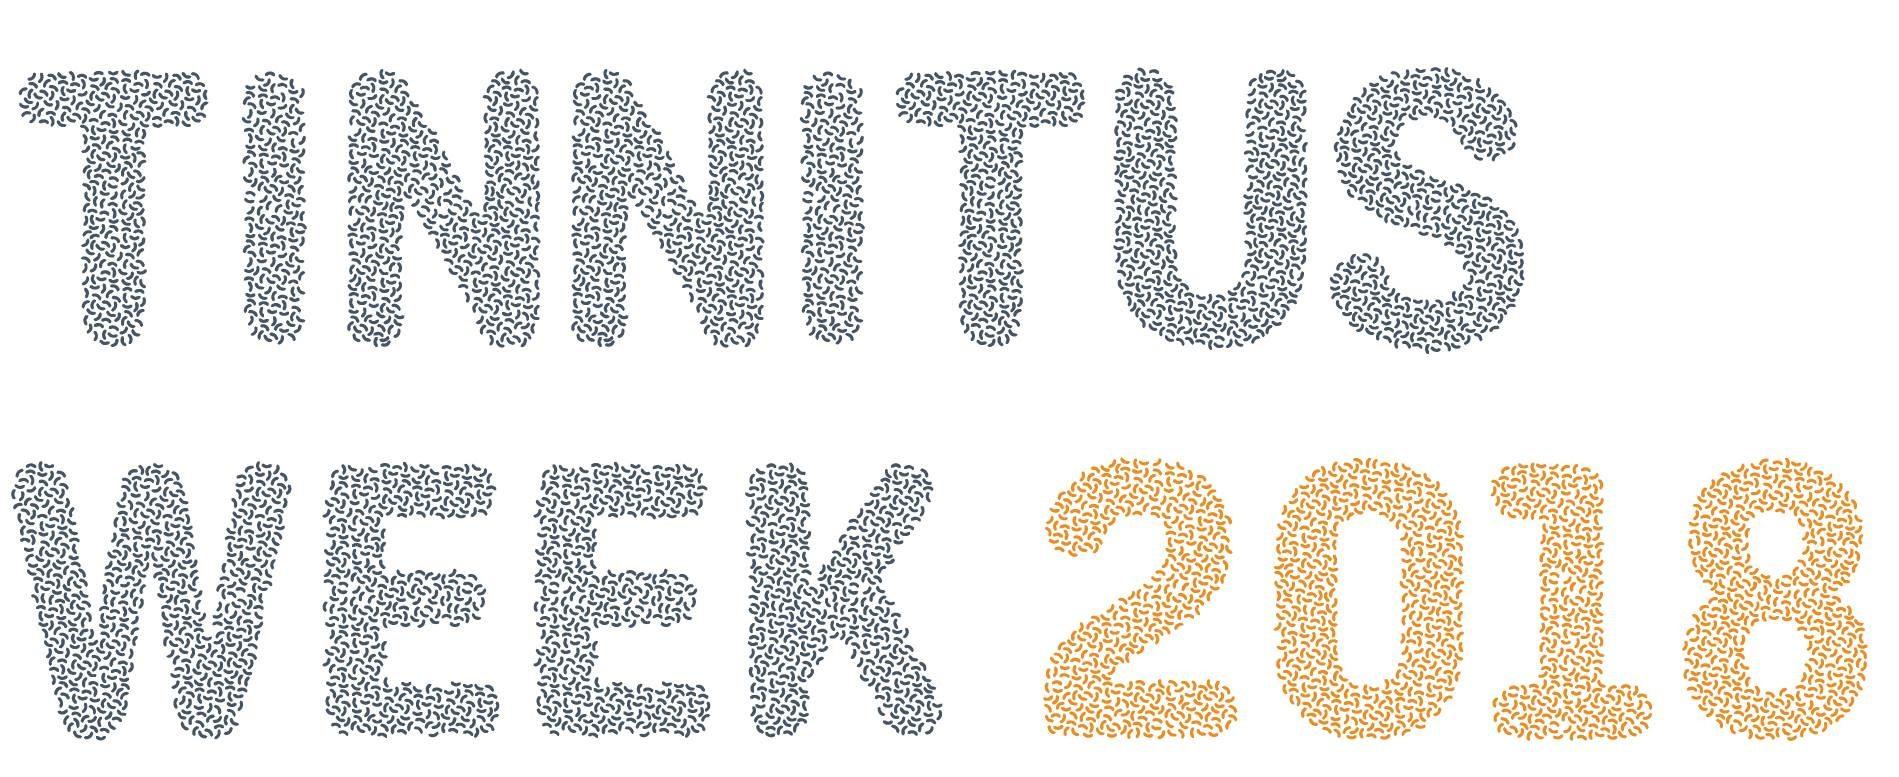 Tinnitus Awareness Week 2018 – Special Event